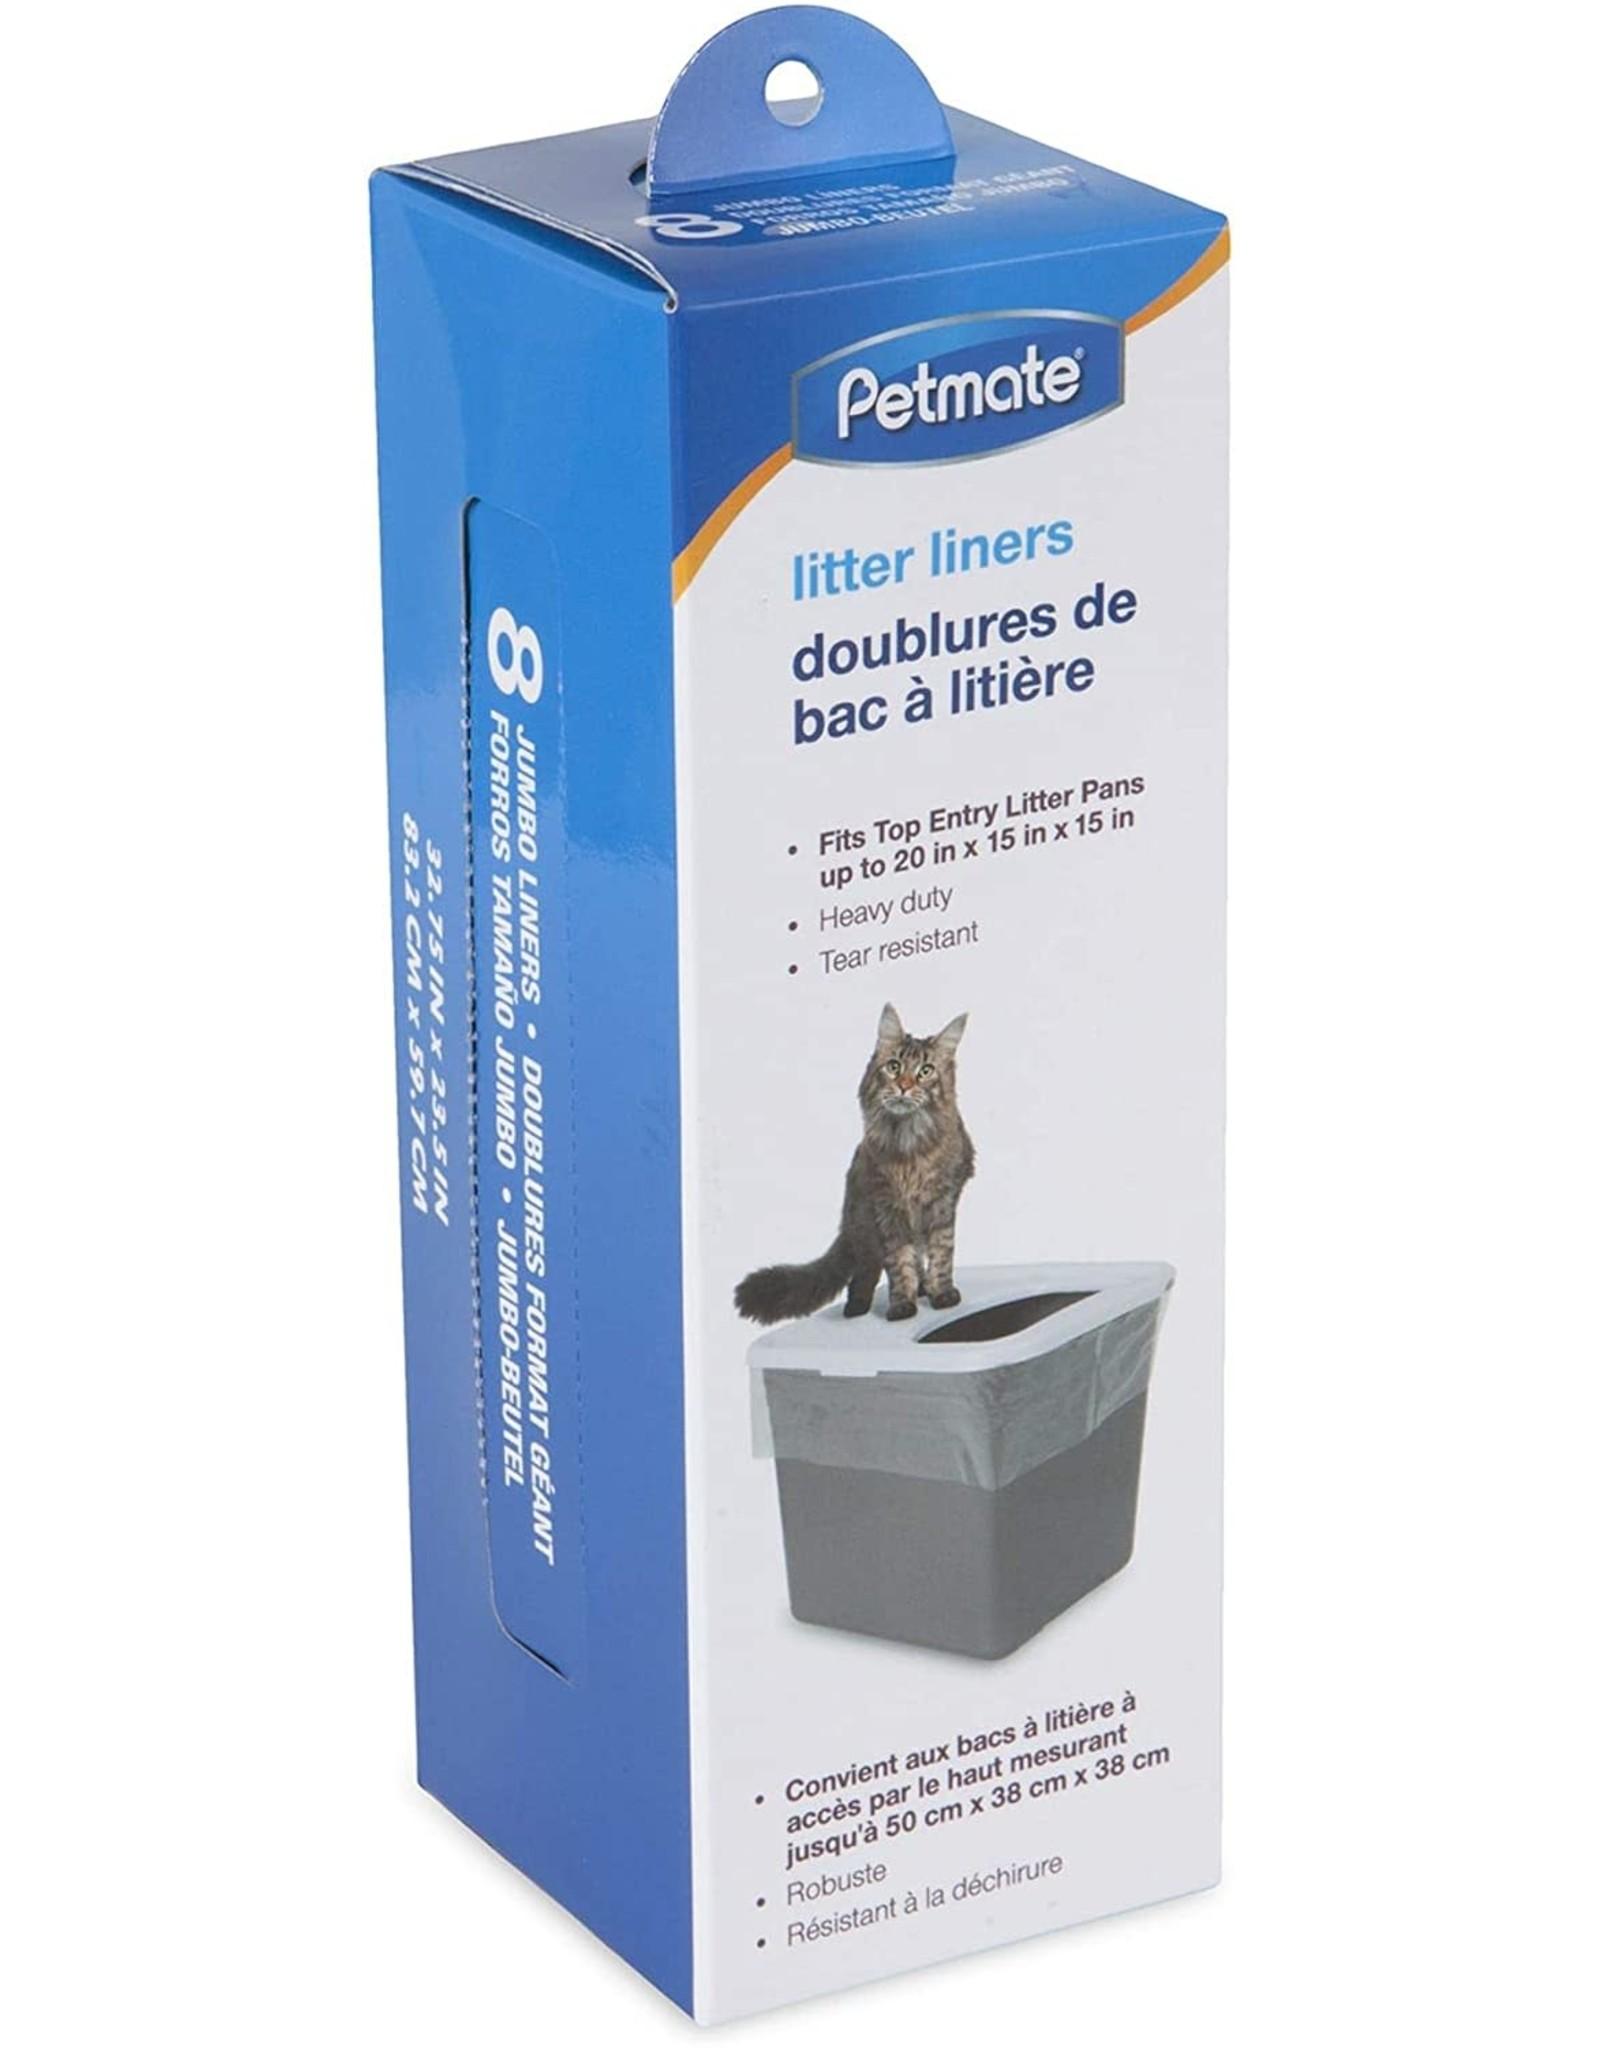 Petmate PETMATE TOP ENTRY LITTER PAN LINER 8-COUNT